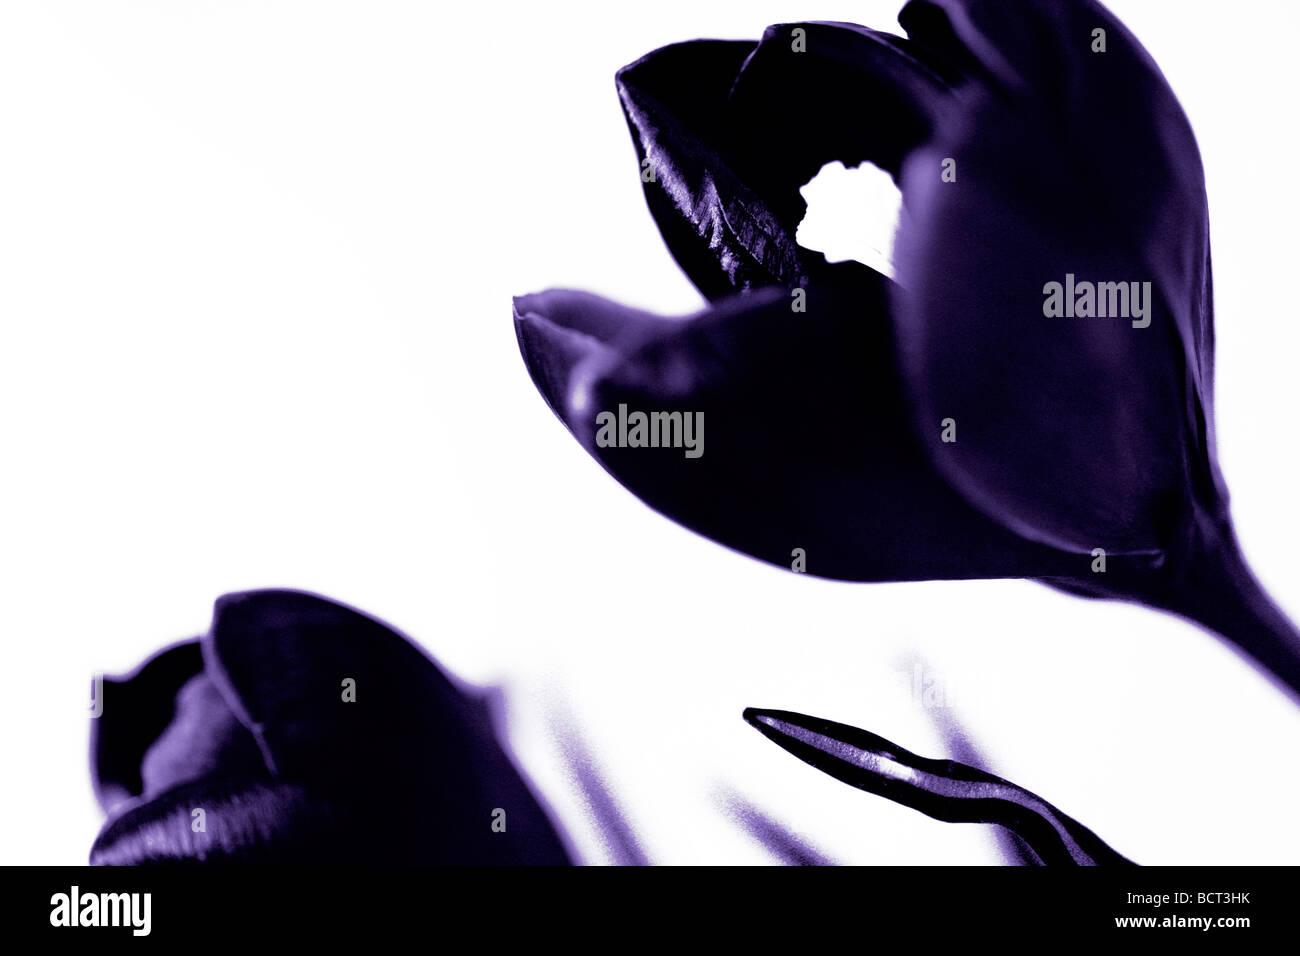 minimal und zeitgenössischen Bild von der klassischen Krokus als Duotone Kunstfotografie Jane Ann Butler Fotografie Stockbild